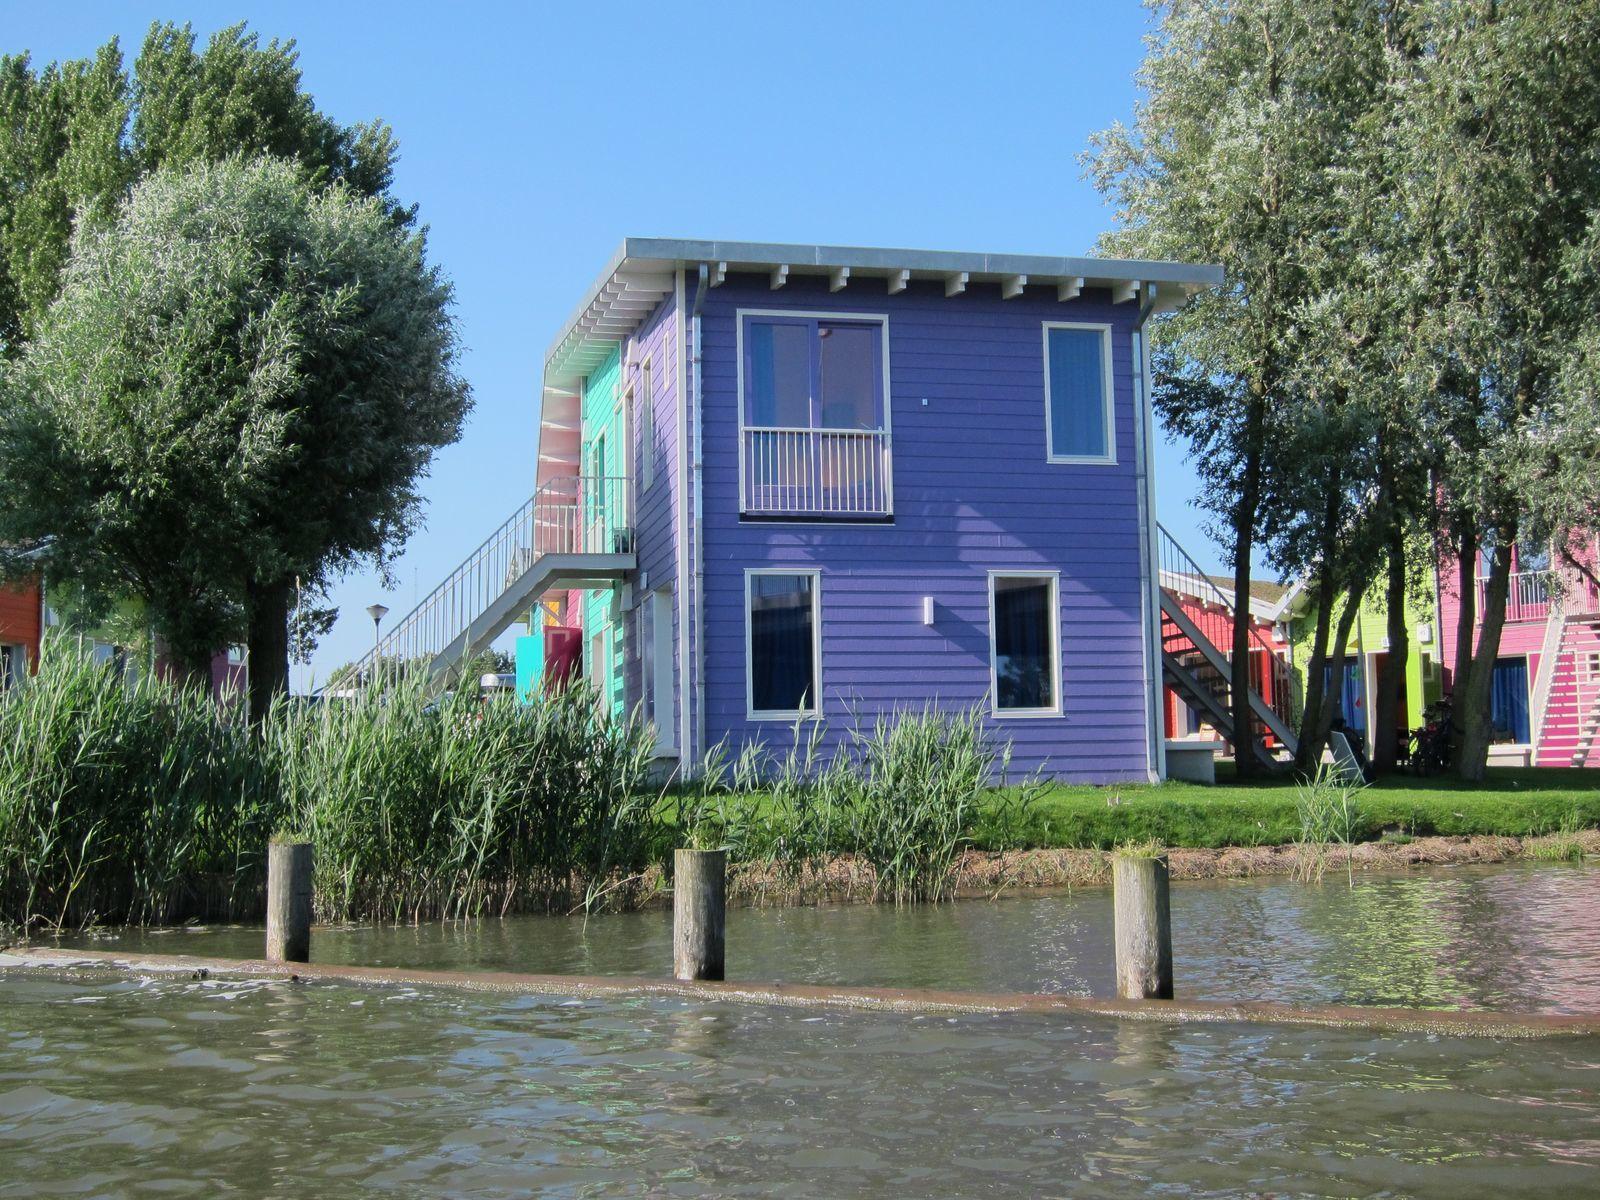 2 x ein Eco-Cabin für je 2 Personen nebeneinander am Wasser